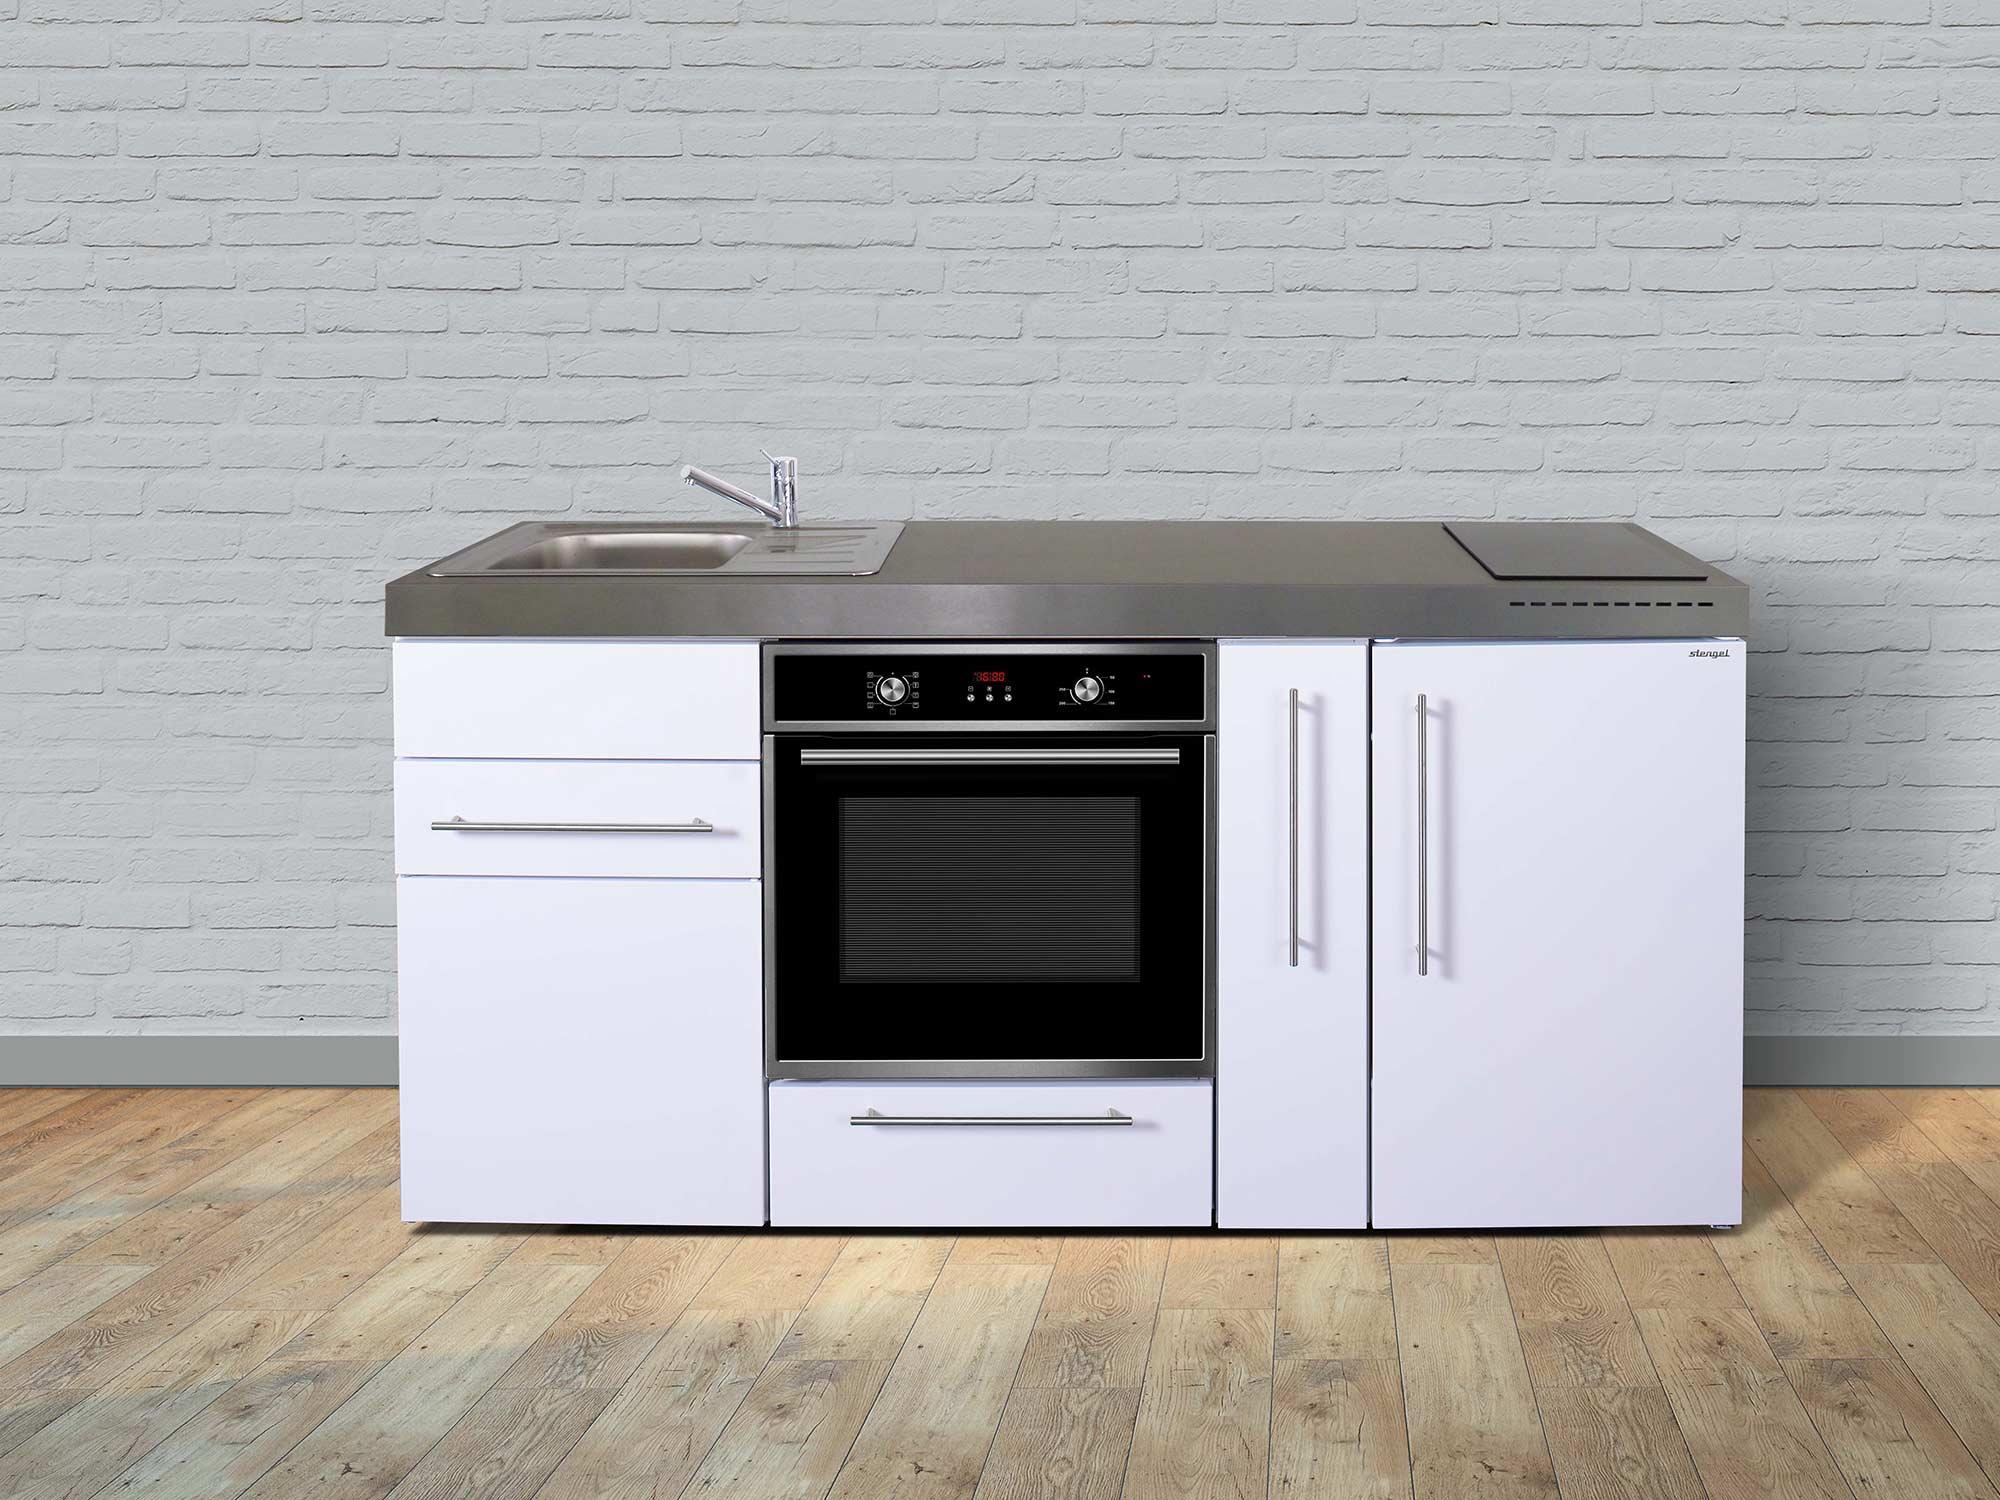 Stengel Miniküche Premiumline MPB 180 A mit Kühlschrank und Backofen und  Apothekerschrank